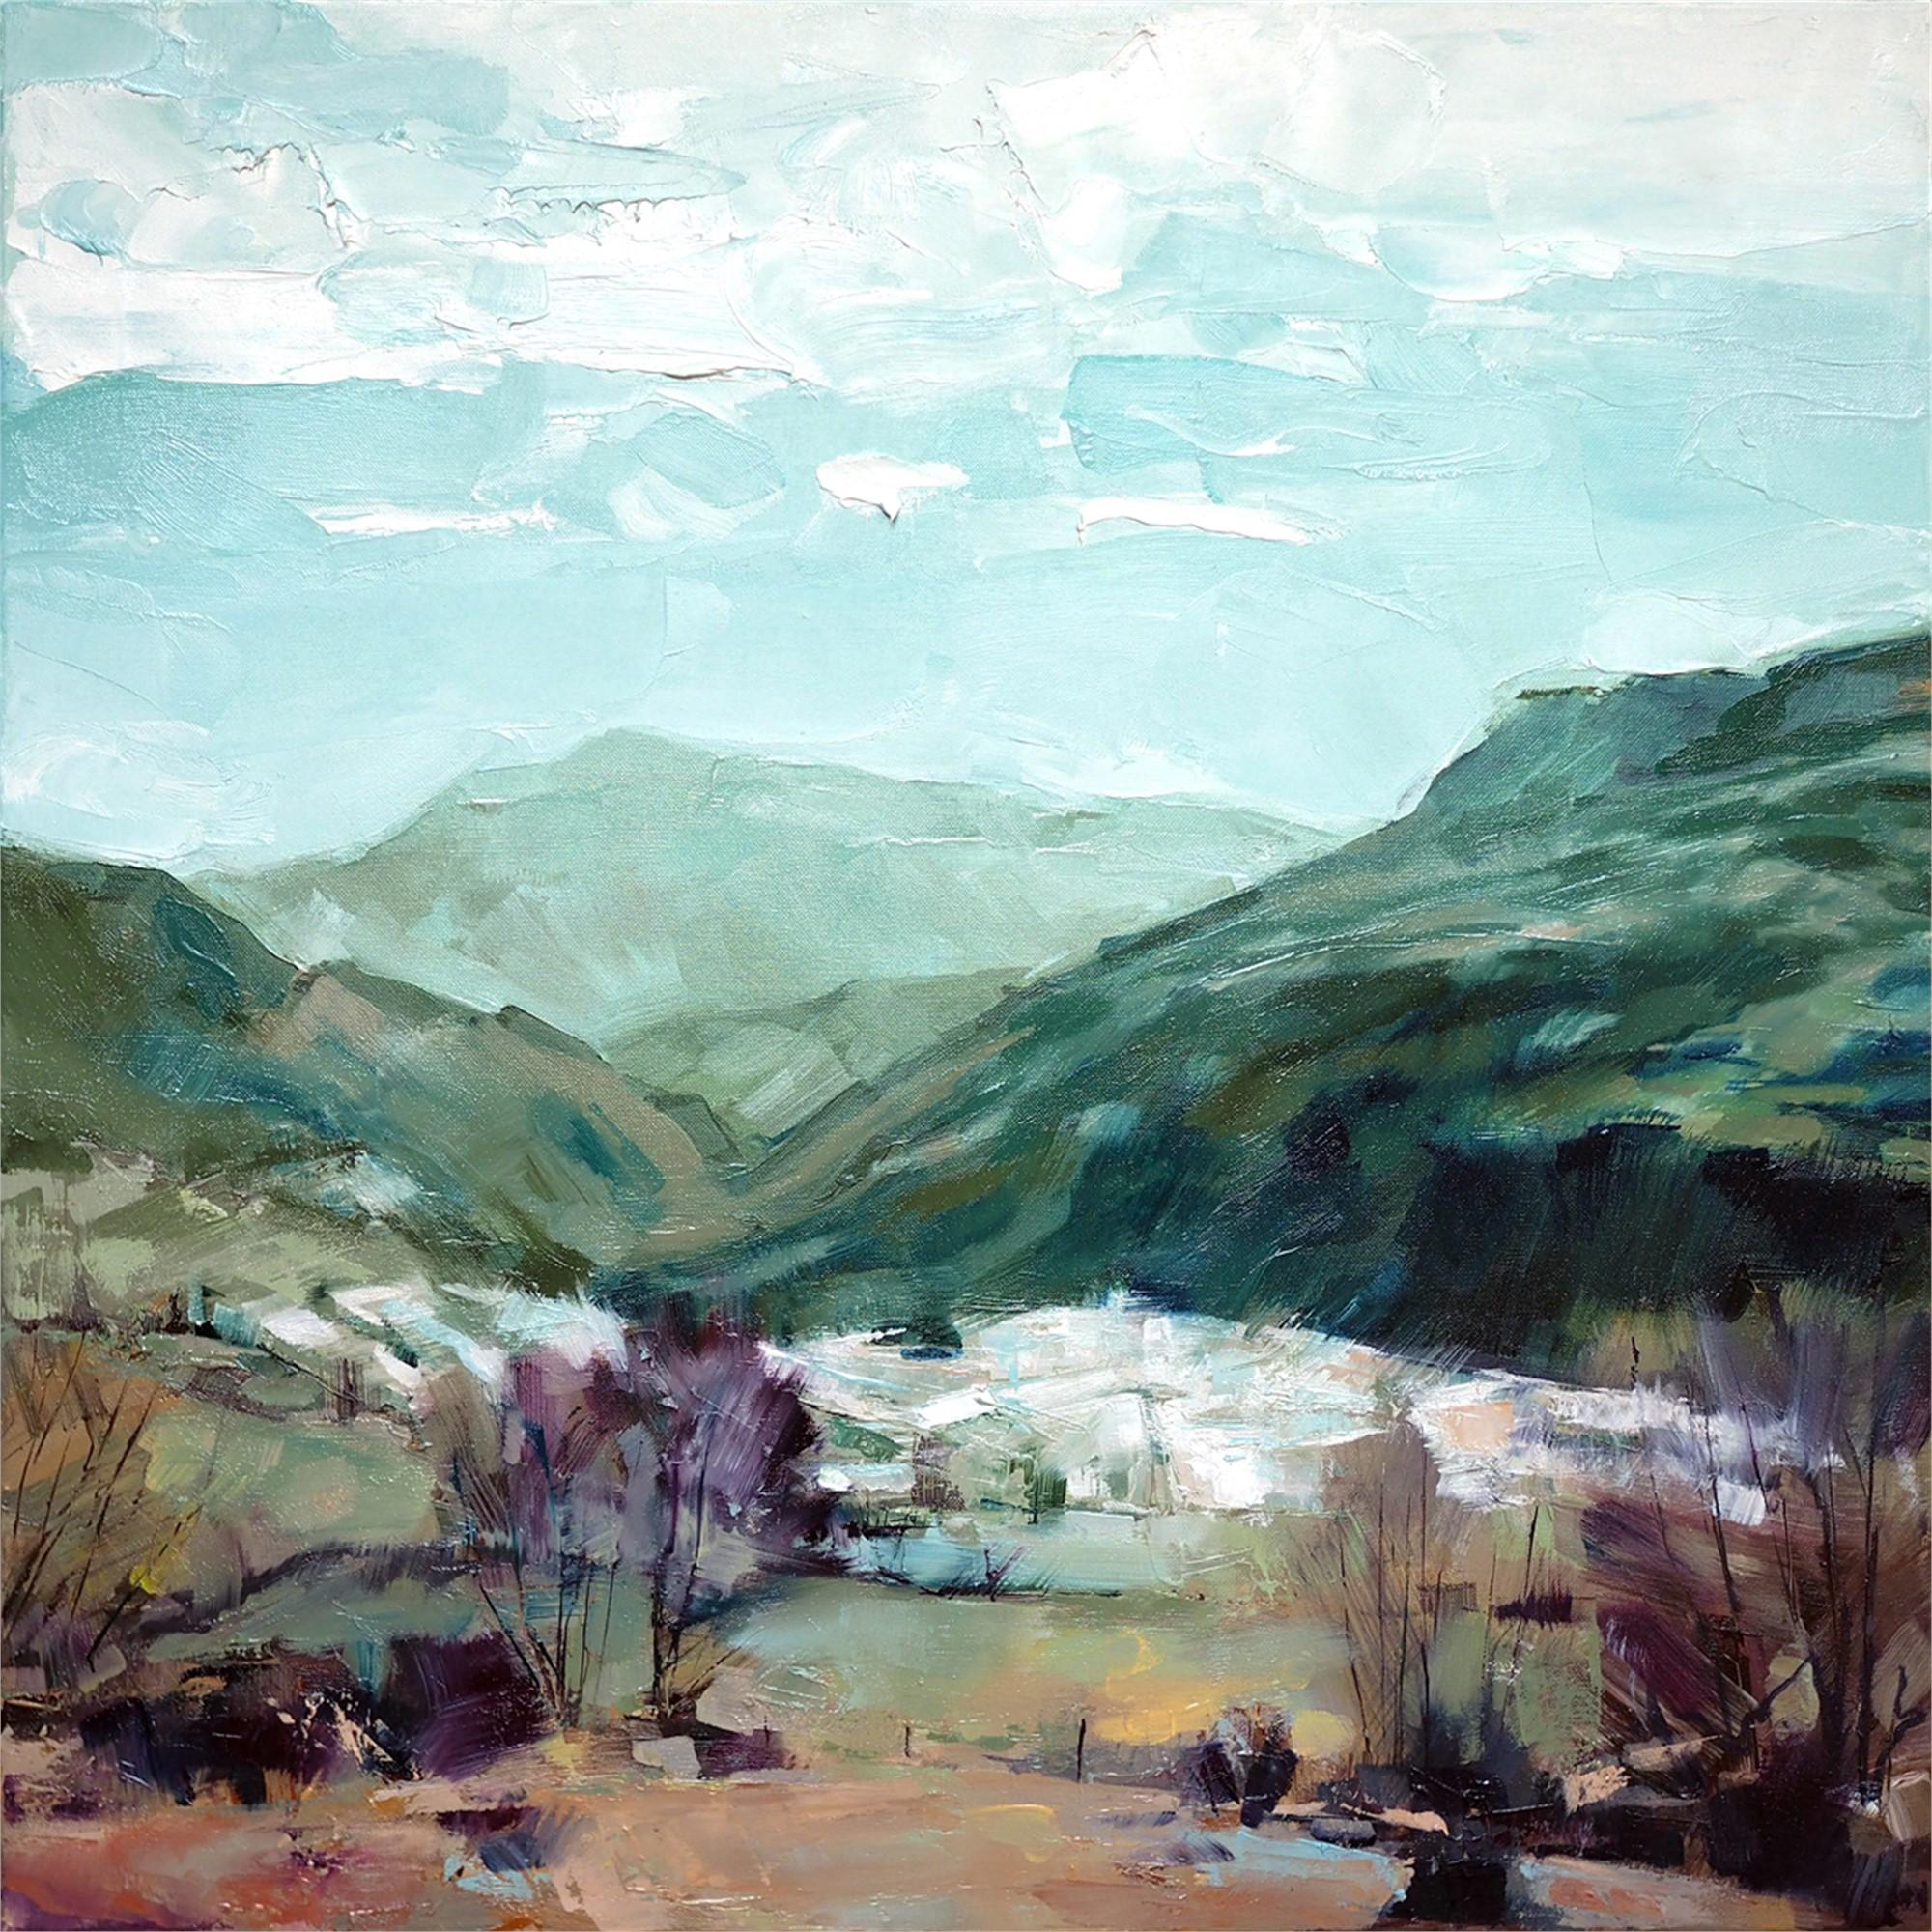 Las Alpujarras, Spain by Heiko Mattausch